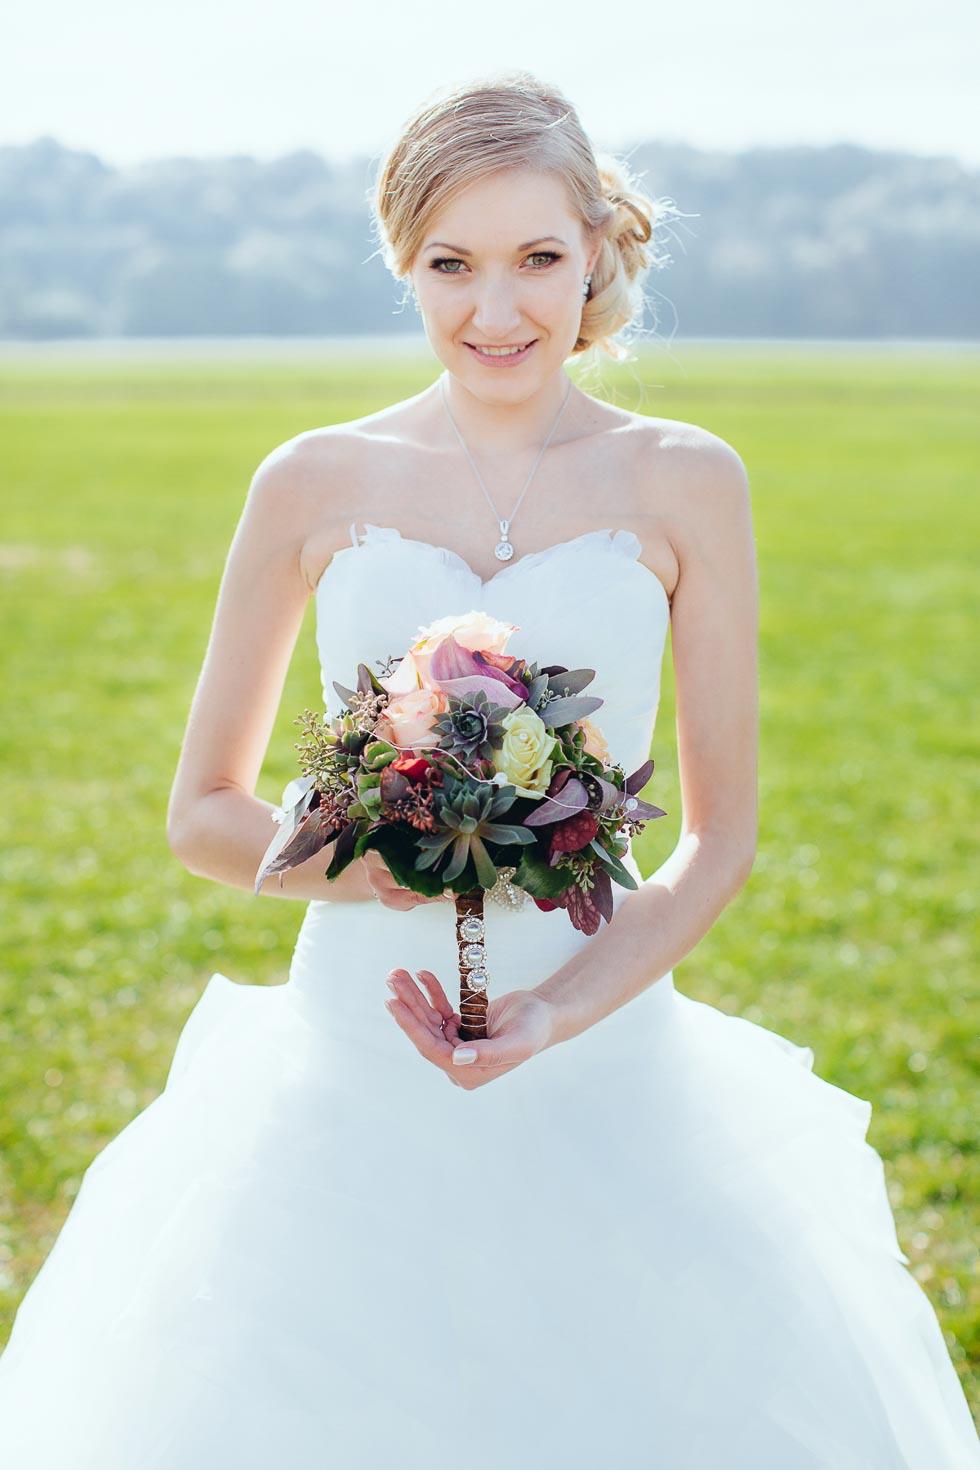 Traumhochzeit in Herbstfarben  weddingstyle Hochzeitsblog